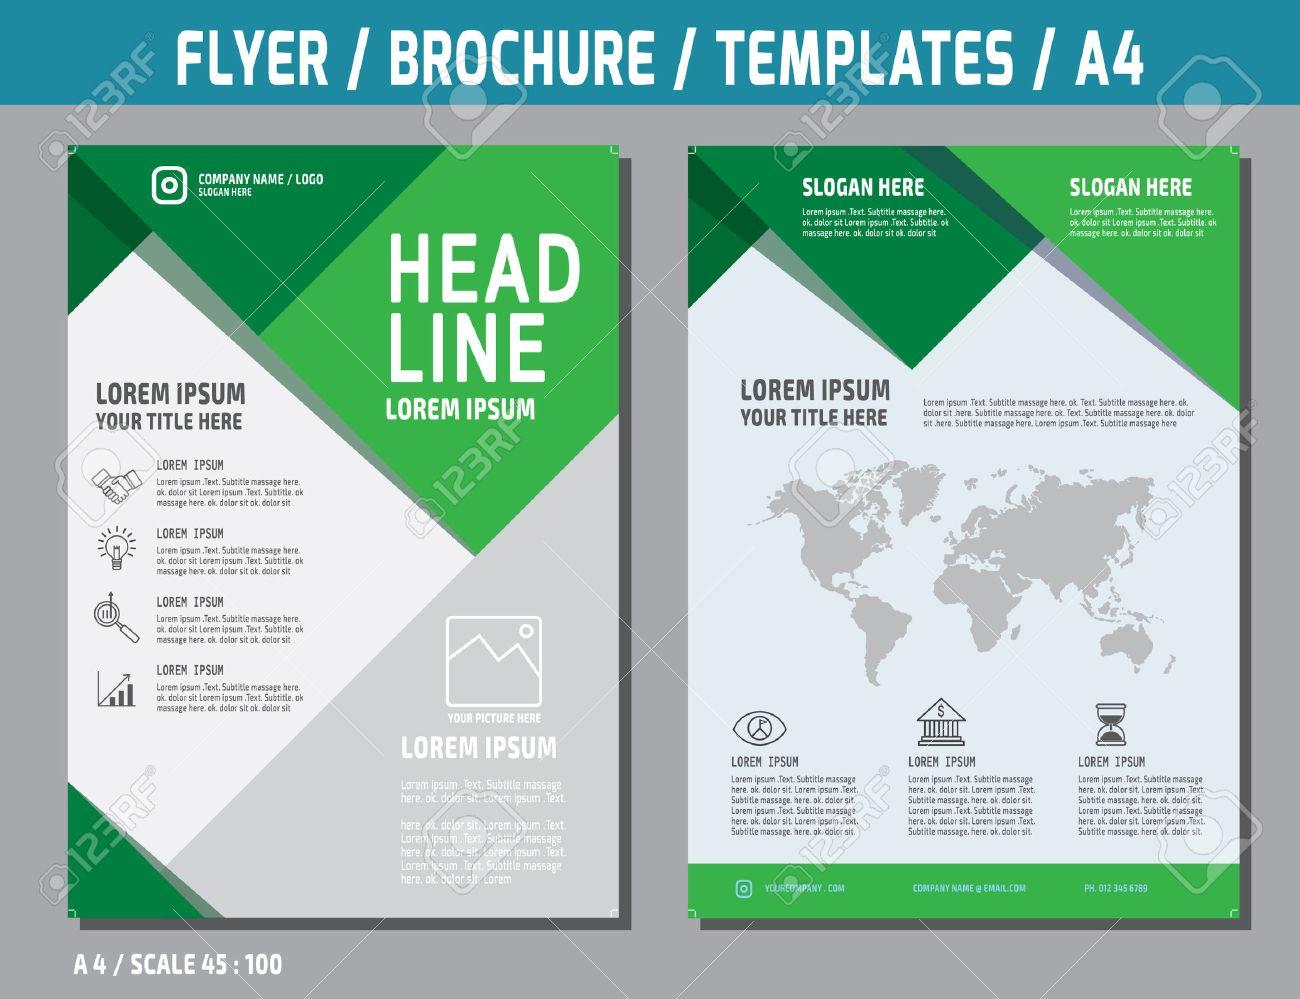 チラシ デザイン ベクトル テンプレート a4 size brochure ブックレット